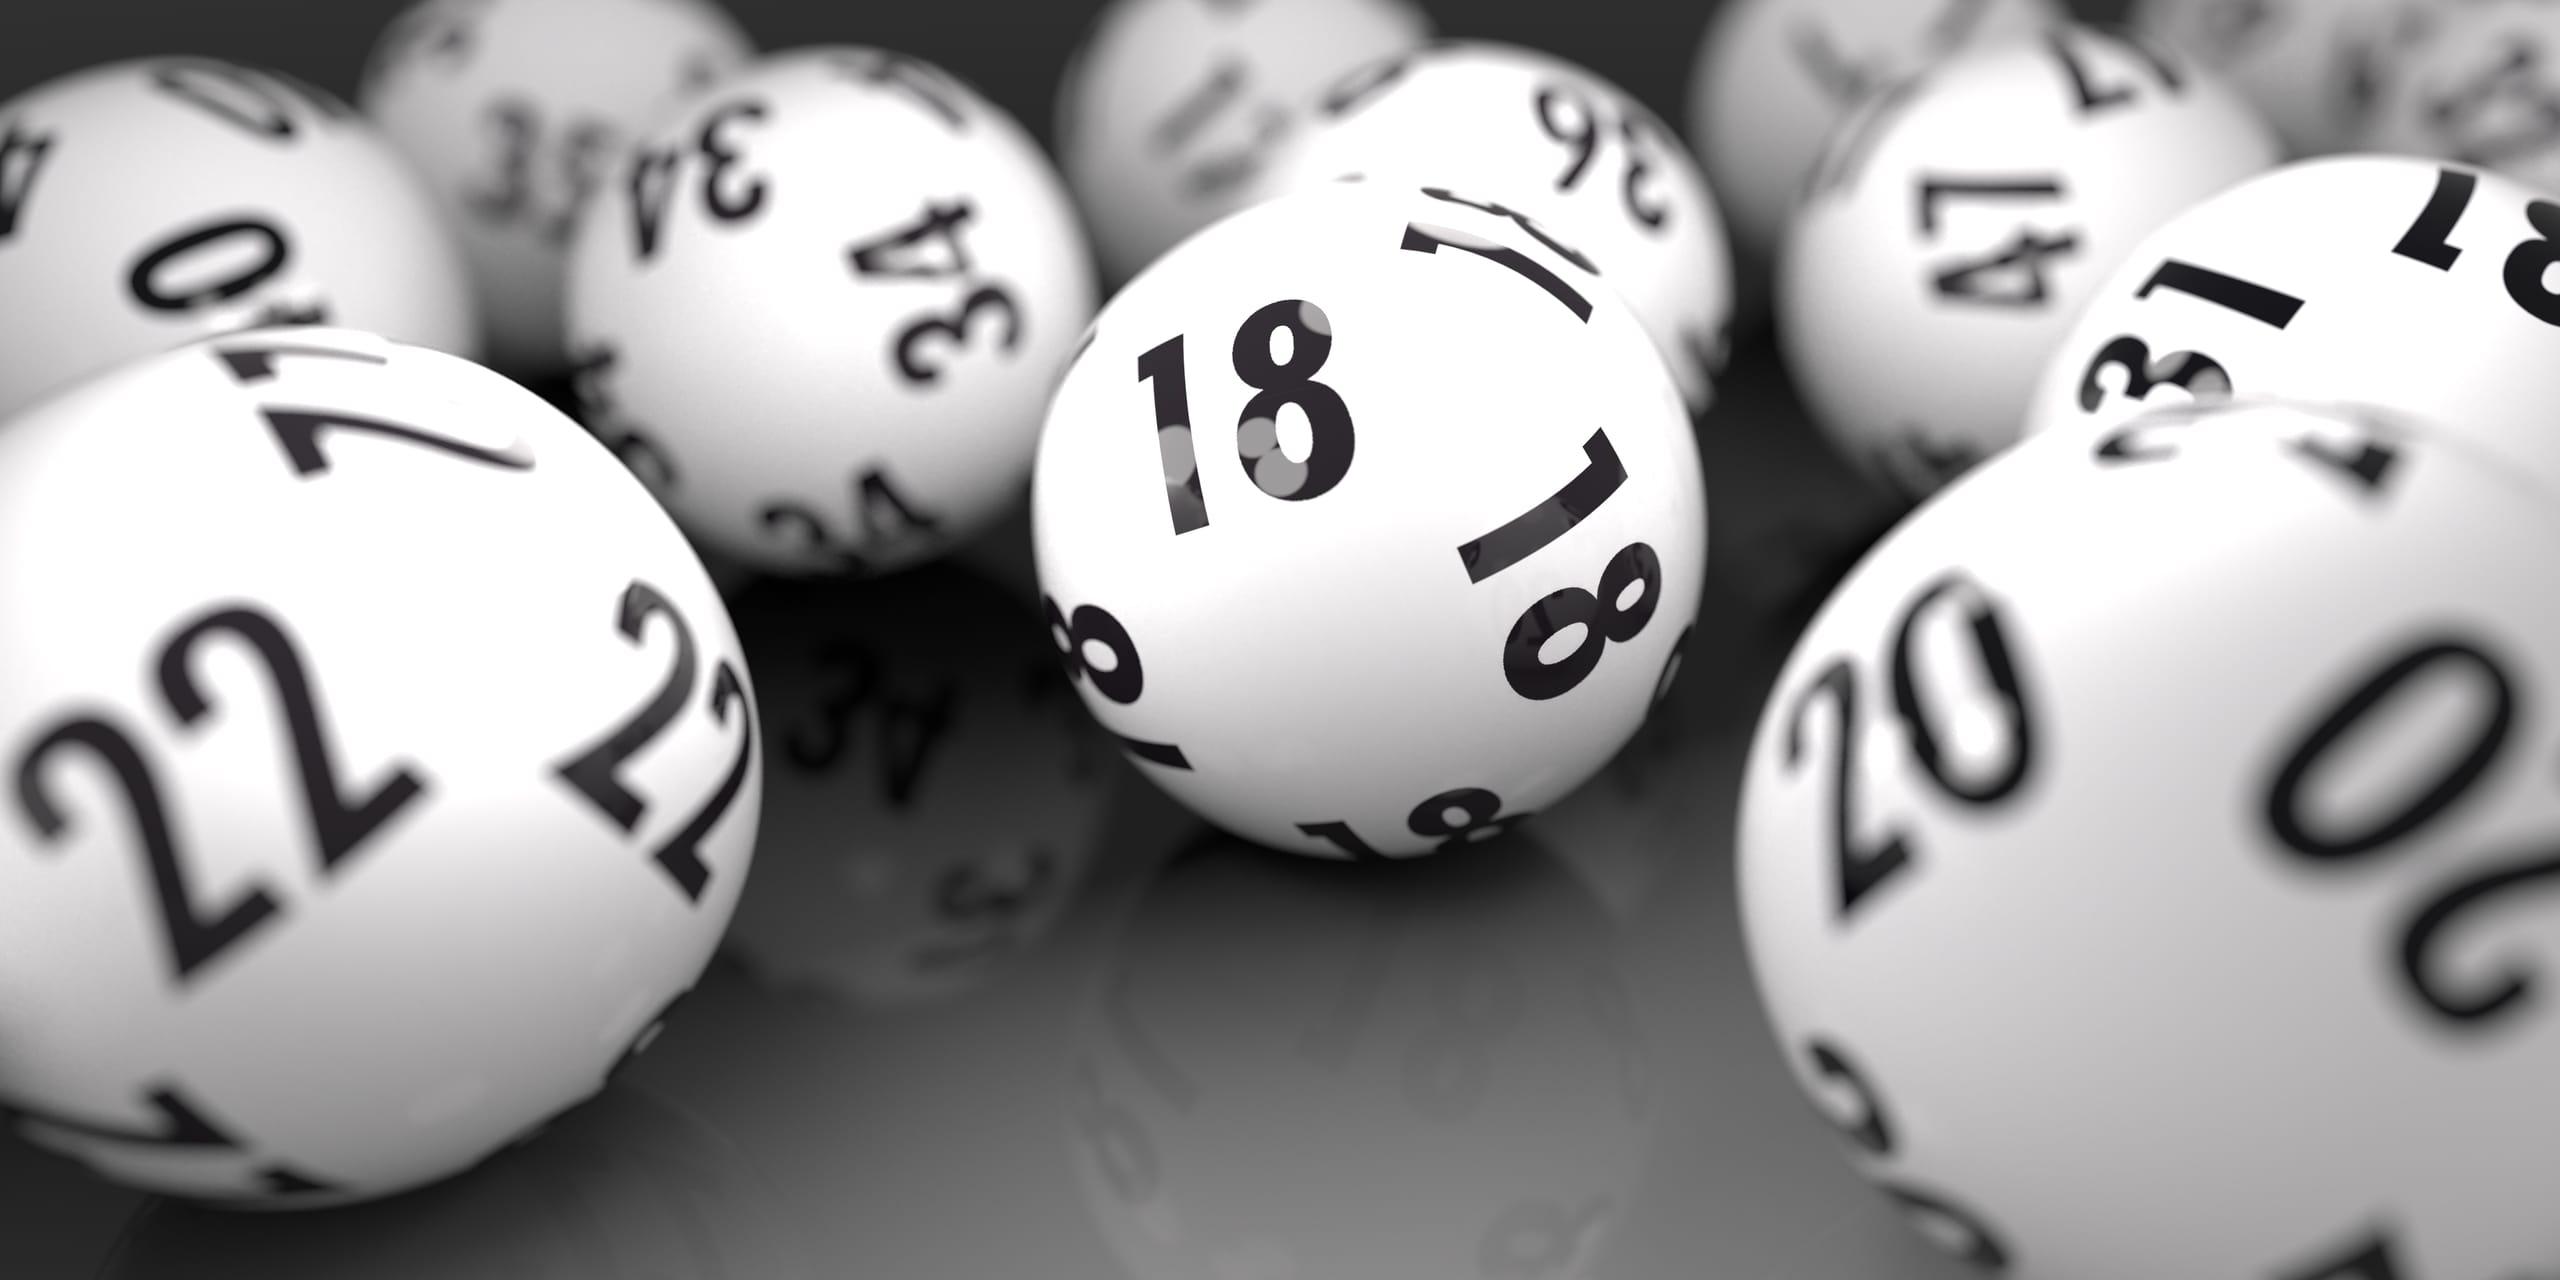 Lottogewinn egal! Die Hälfte der Handwerker würde weiterarbeiten